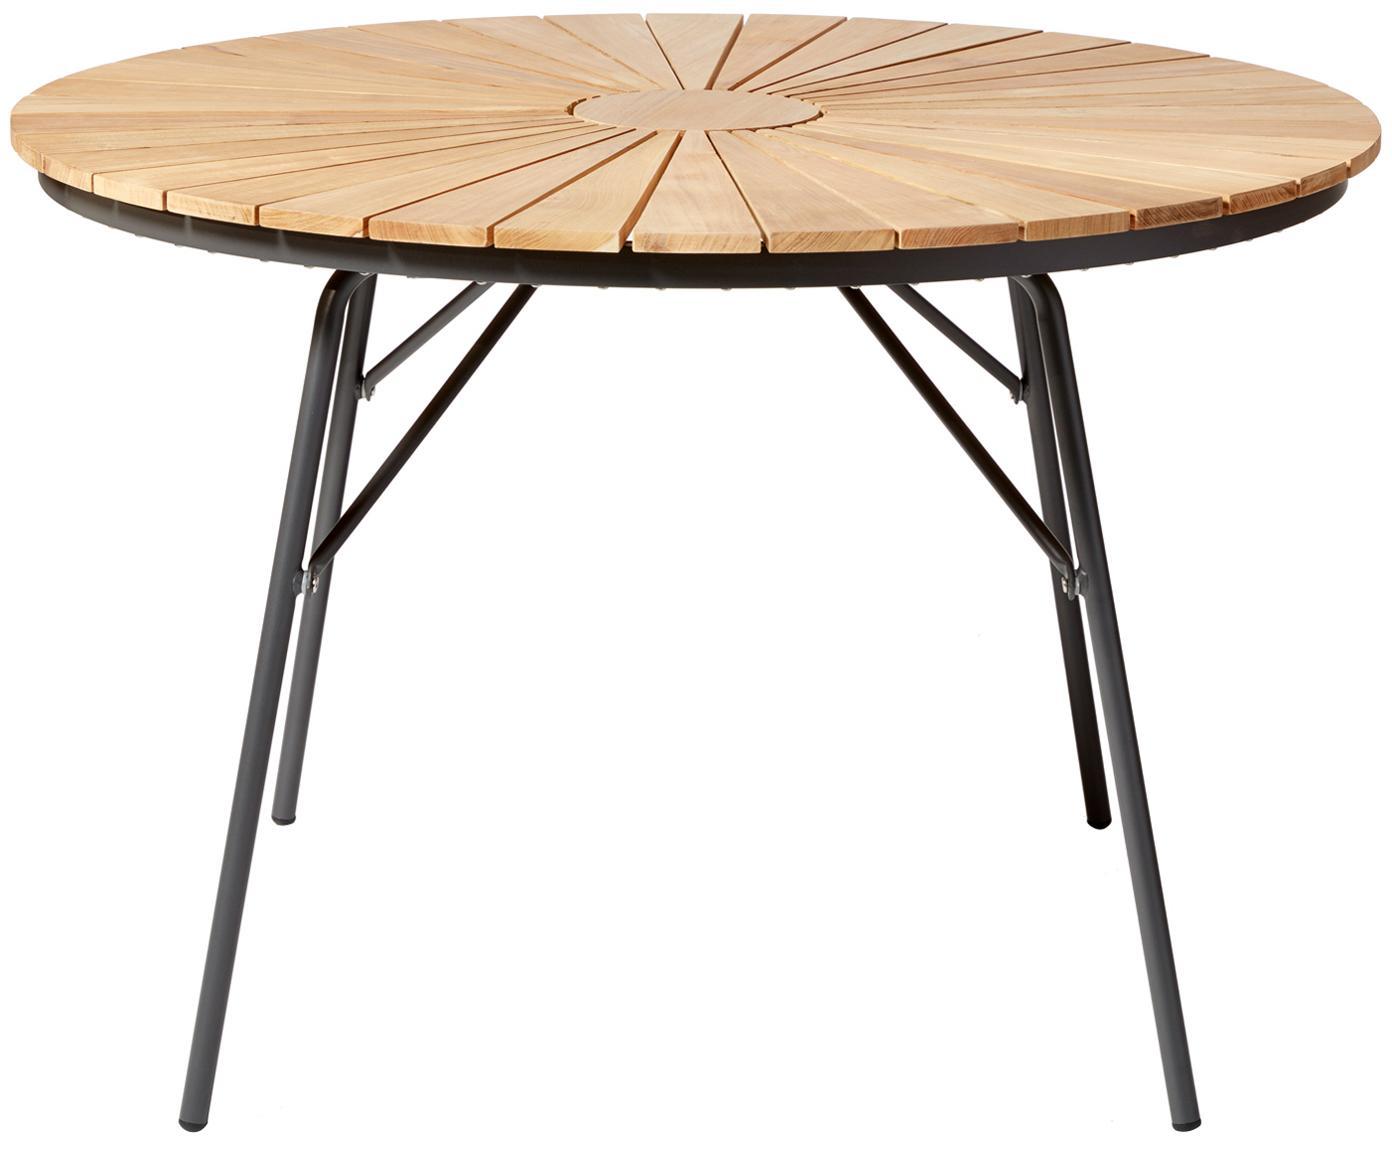 Tavolo da giardino in legno Hard & Ellen, Piano d'appoggio: legno di teak sabbiato Po, Antracite, teak, Ø 110 x Alt. 73 cm